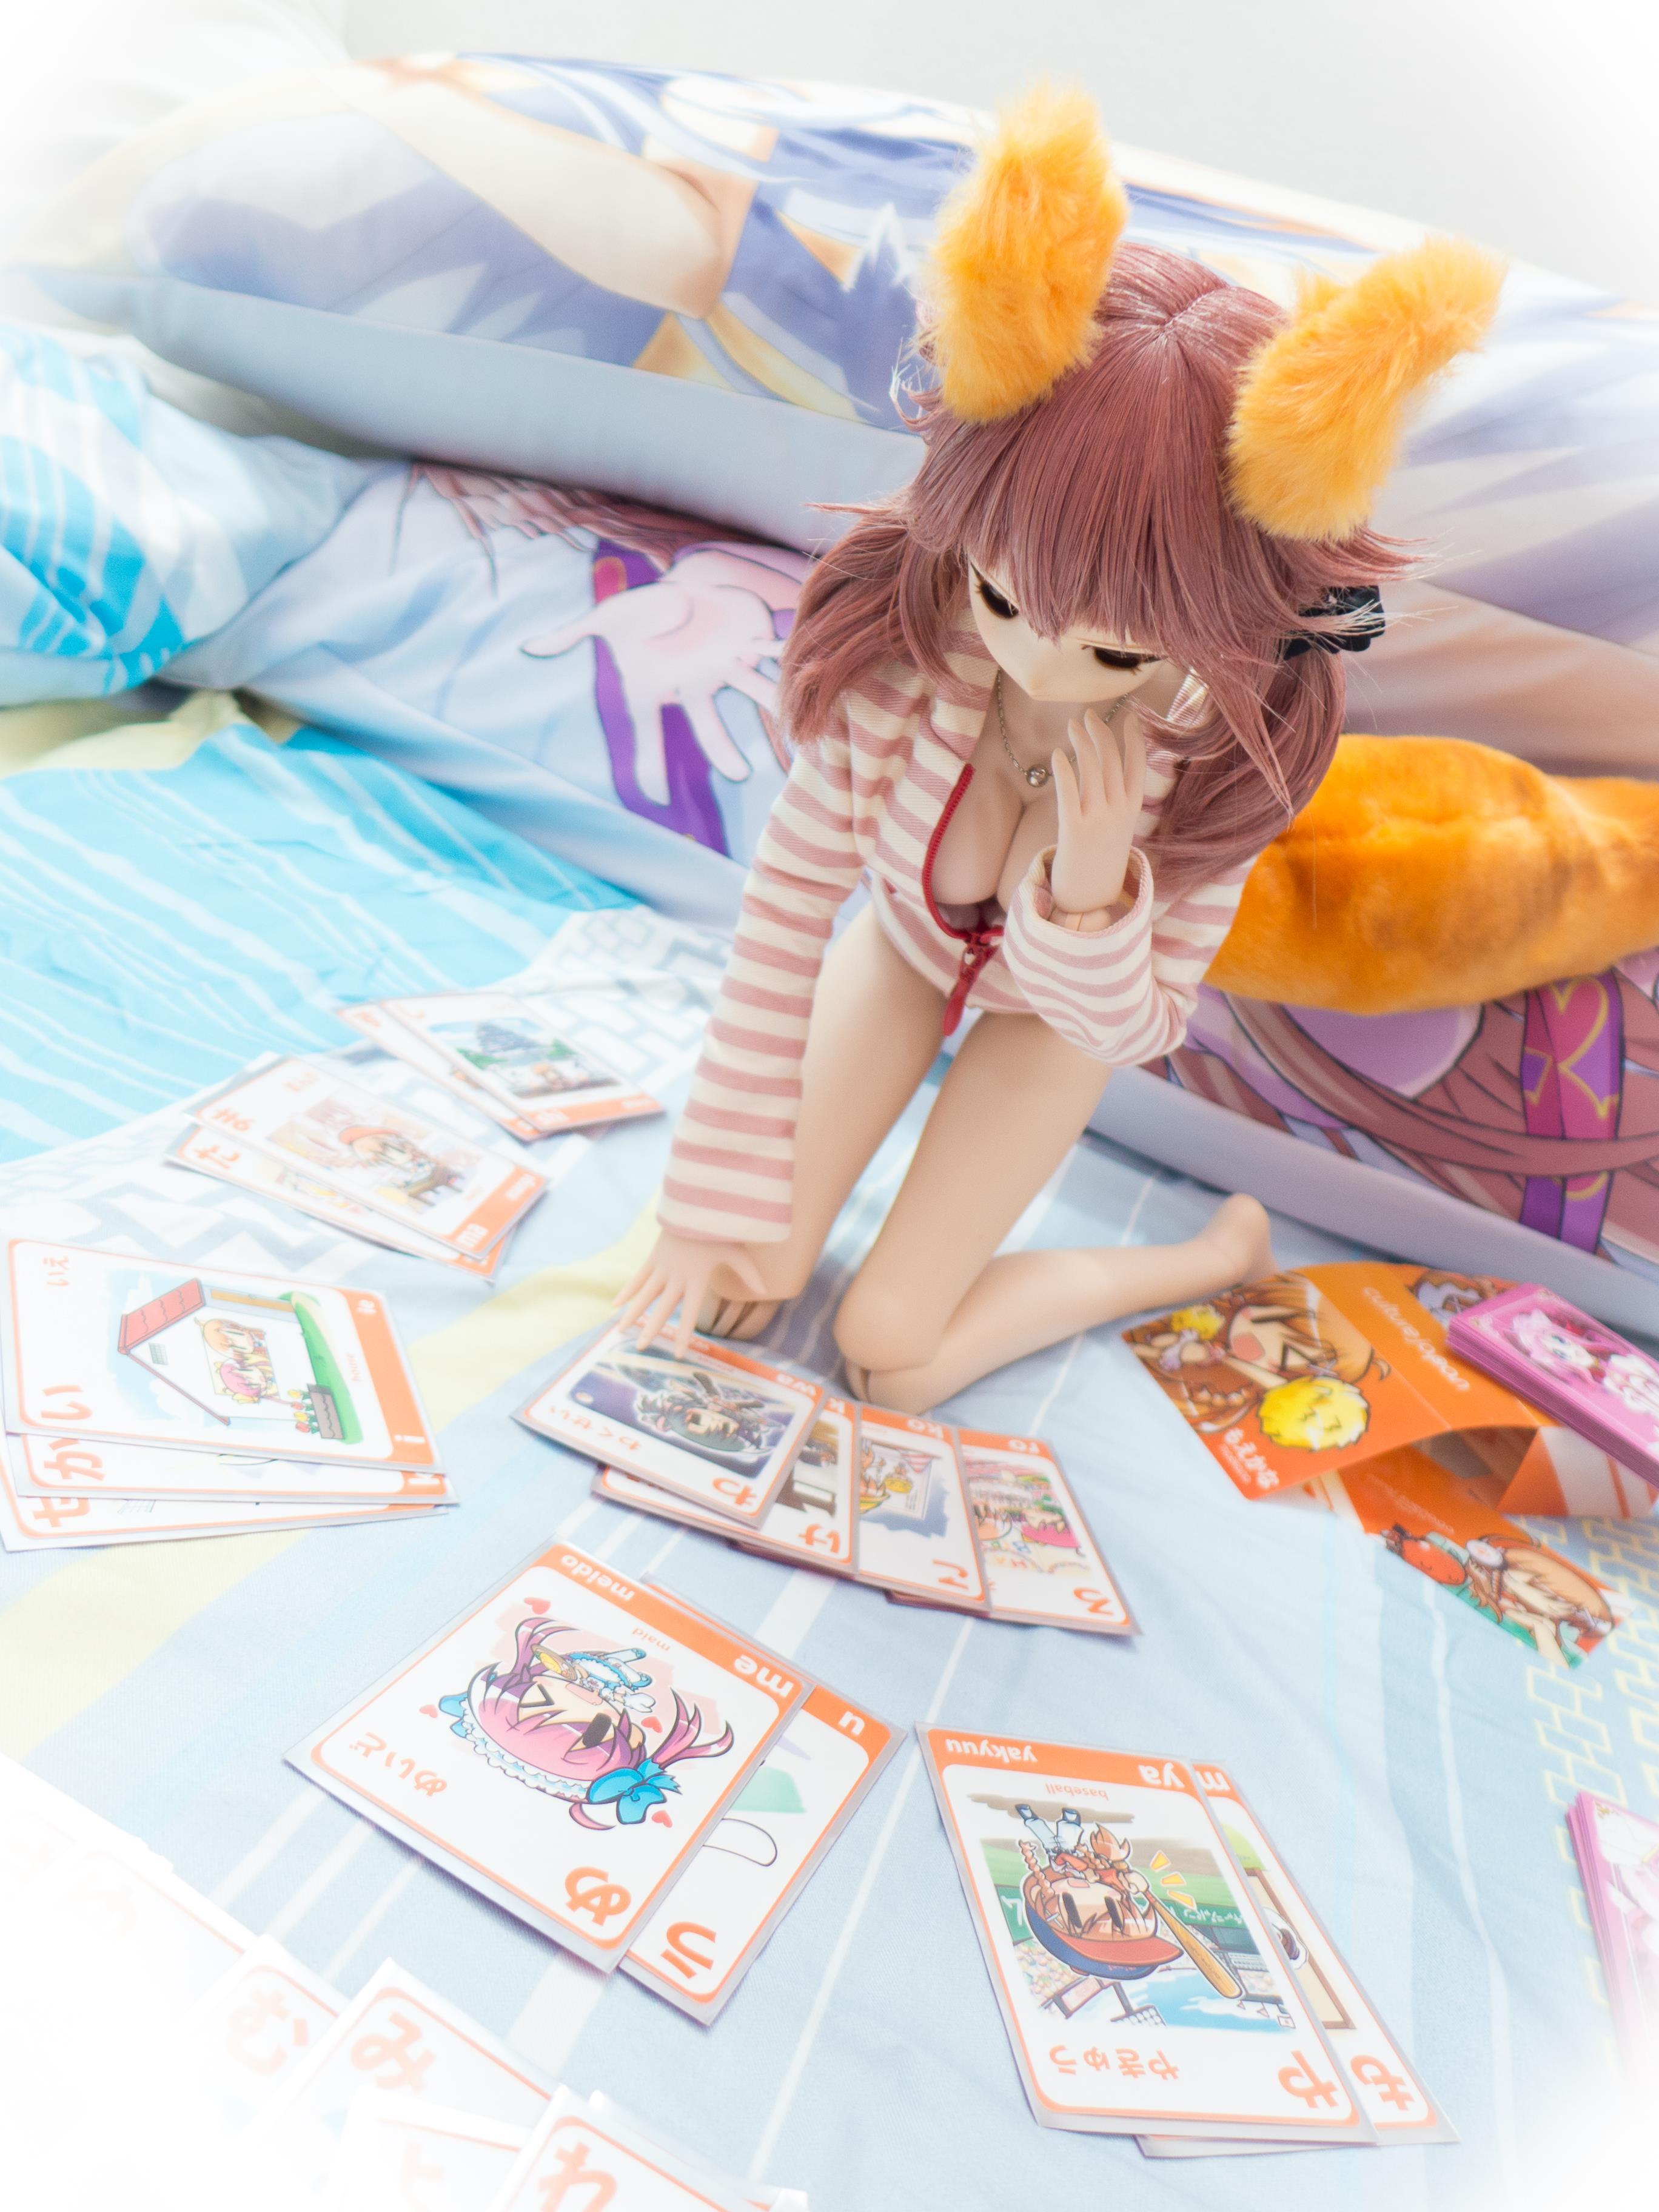 volks dollfie_dream good_smile_company culture_japan zoukei-mura da_capo asakura_nemu misaki_serika suenaga_mirai suenaga_haruka hoshikawa_kanata mirai_millennium